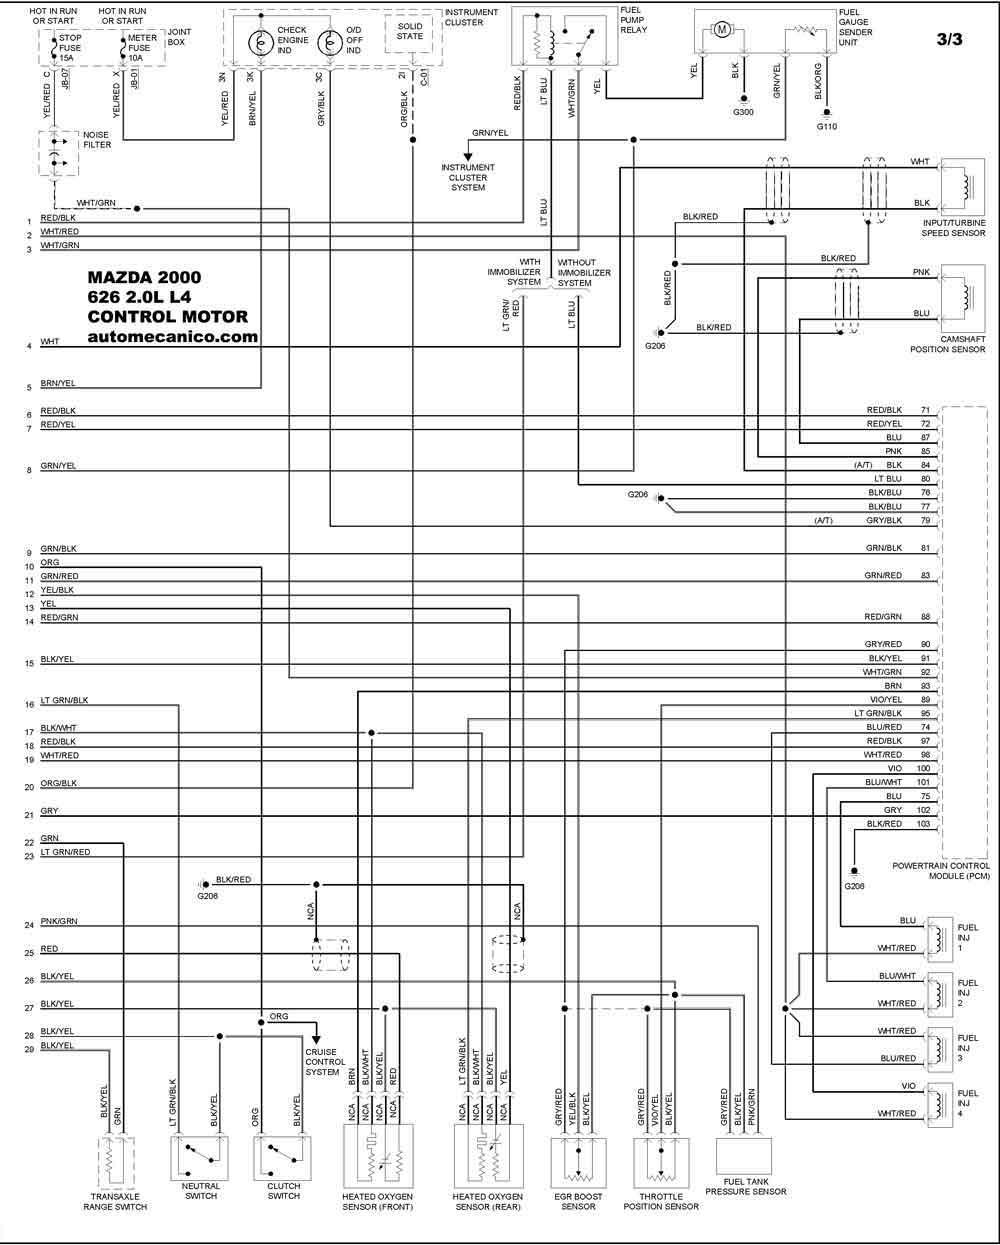 Mazda 2000 - Diagramas Control Del Motor - Graphics - Esquemas